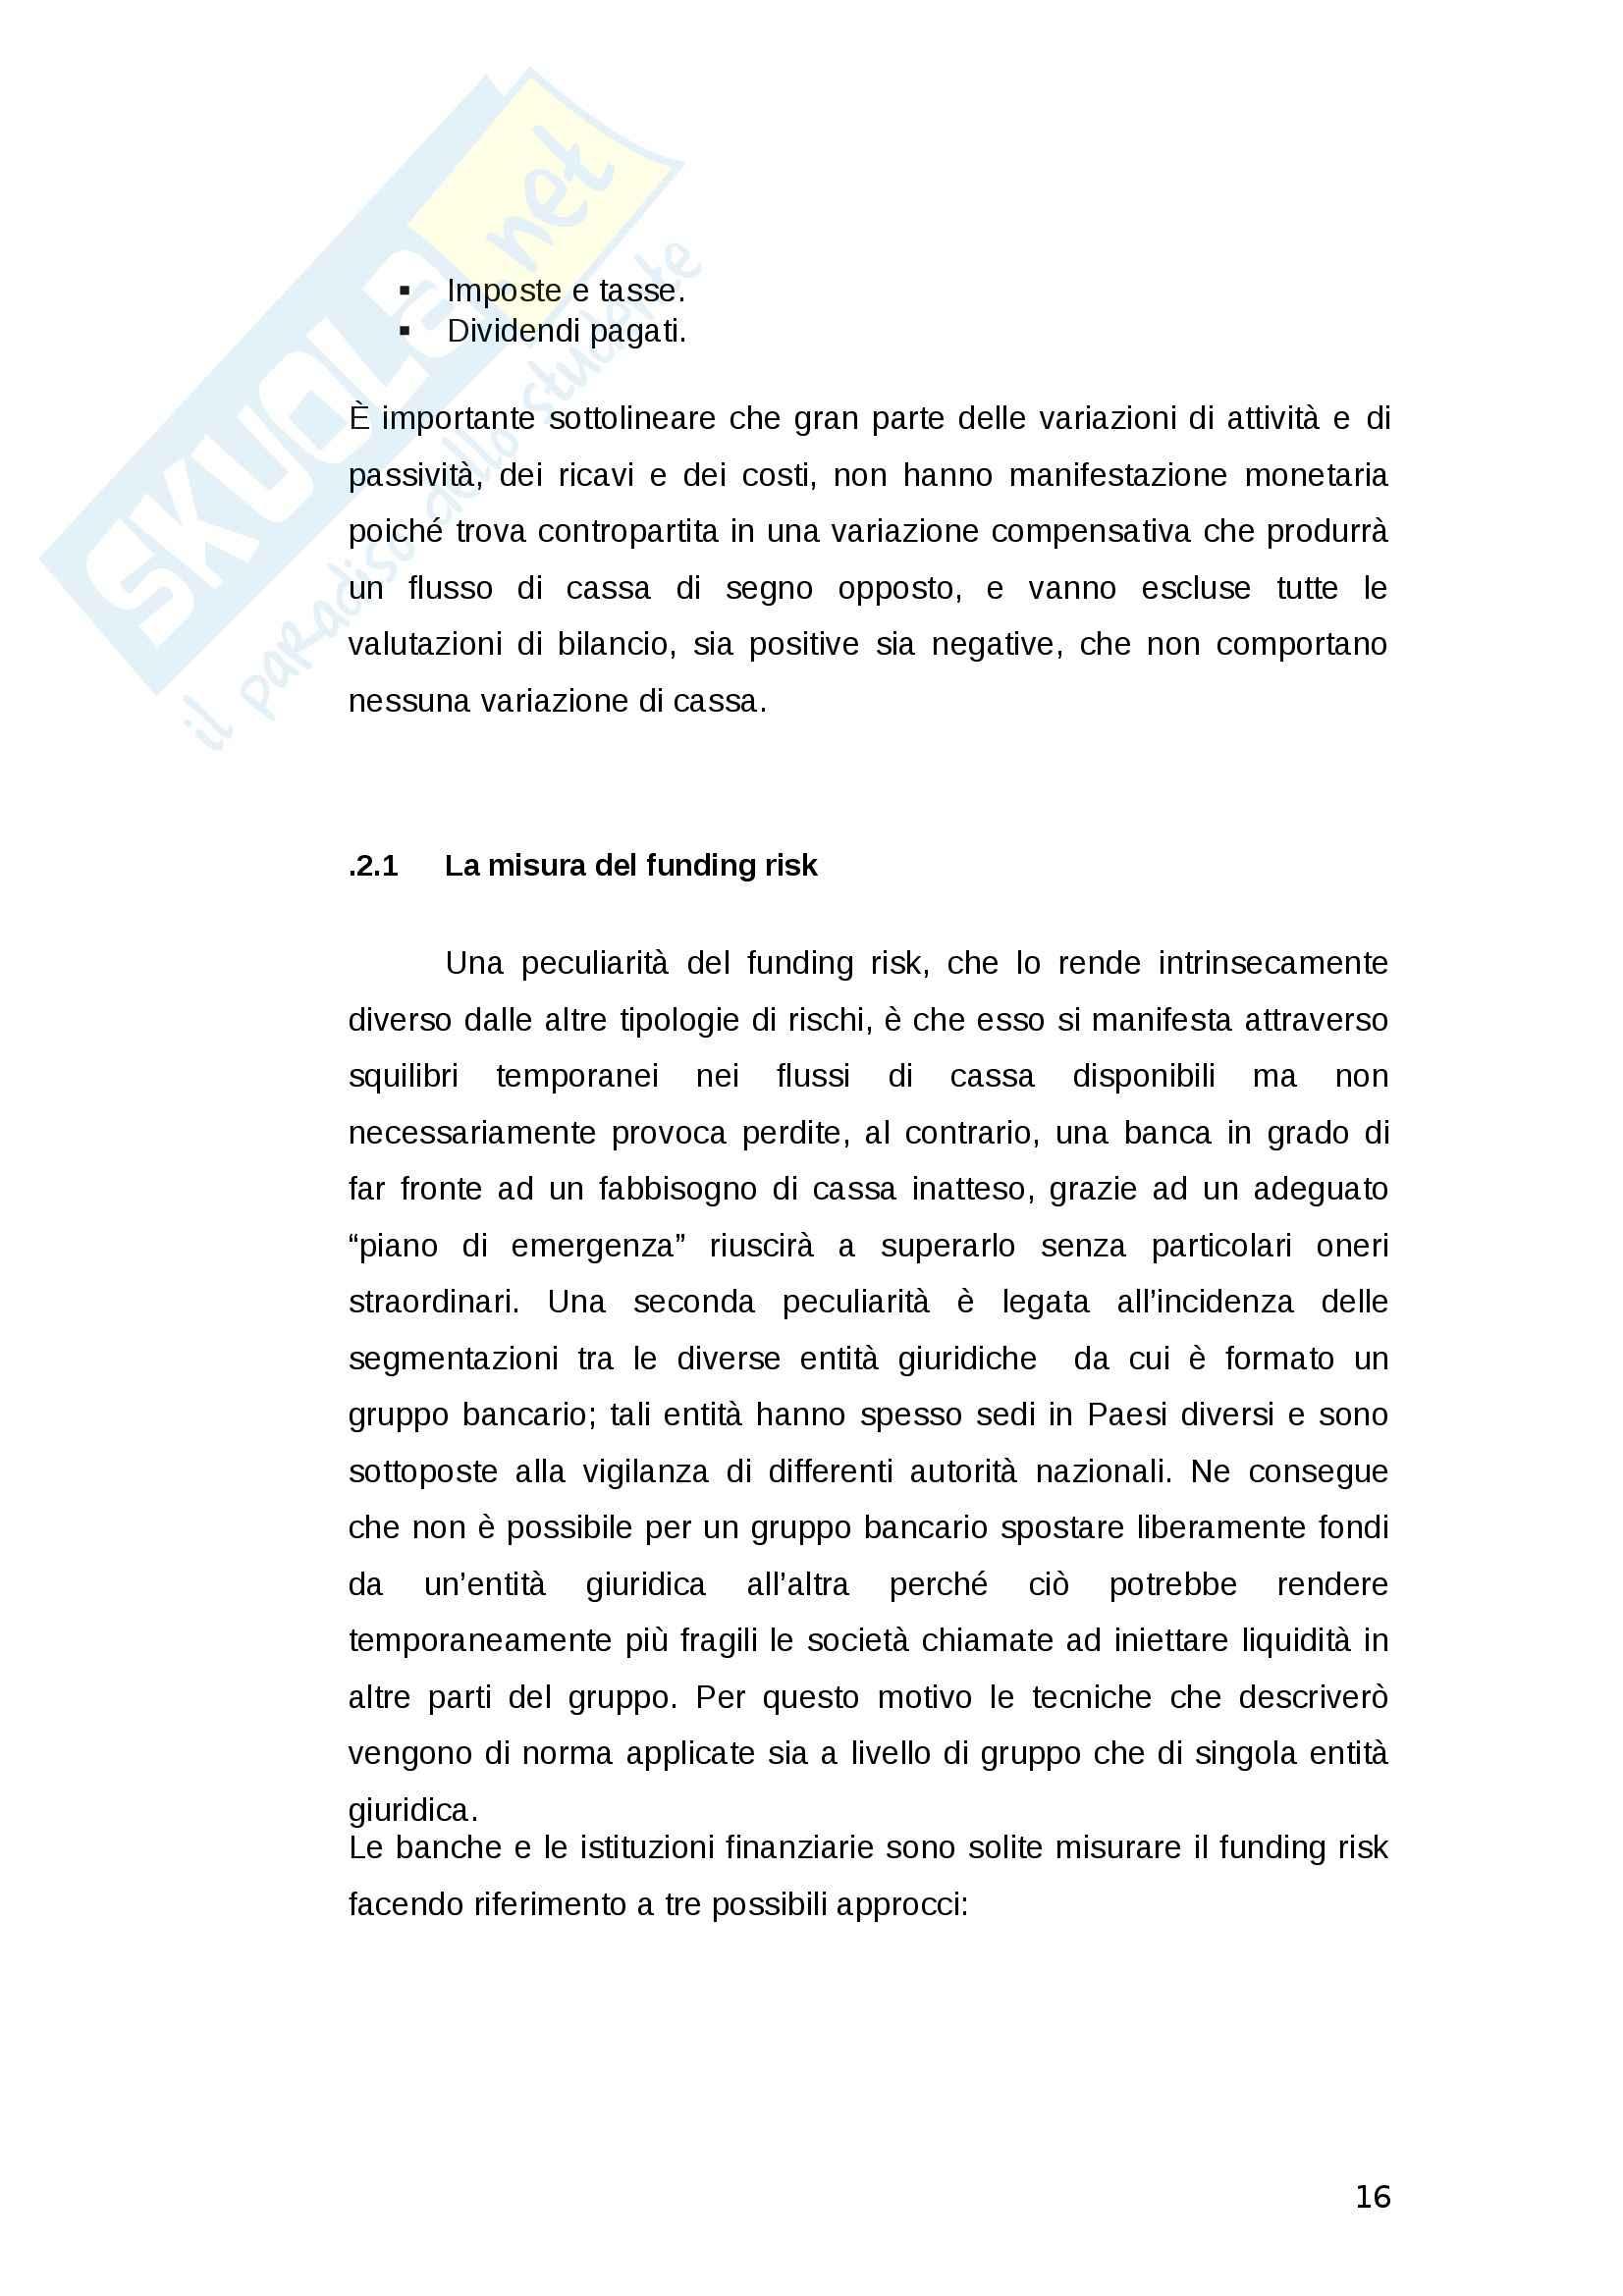 La gestione del rischio di liquidità delle banche - Tesi Pag. 16